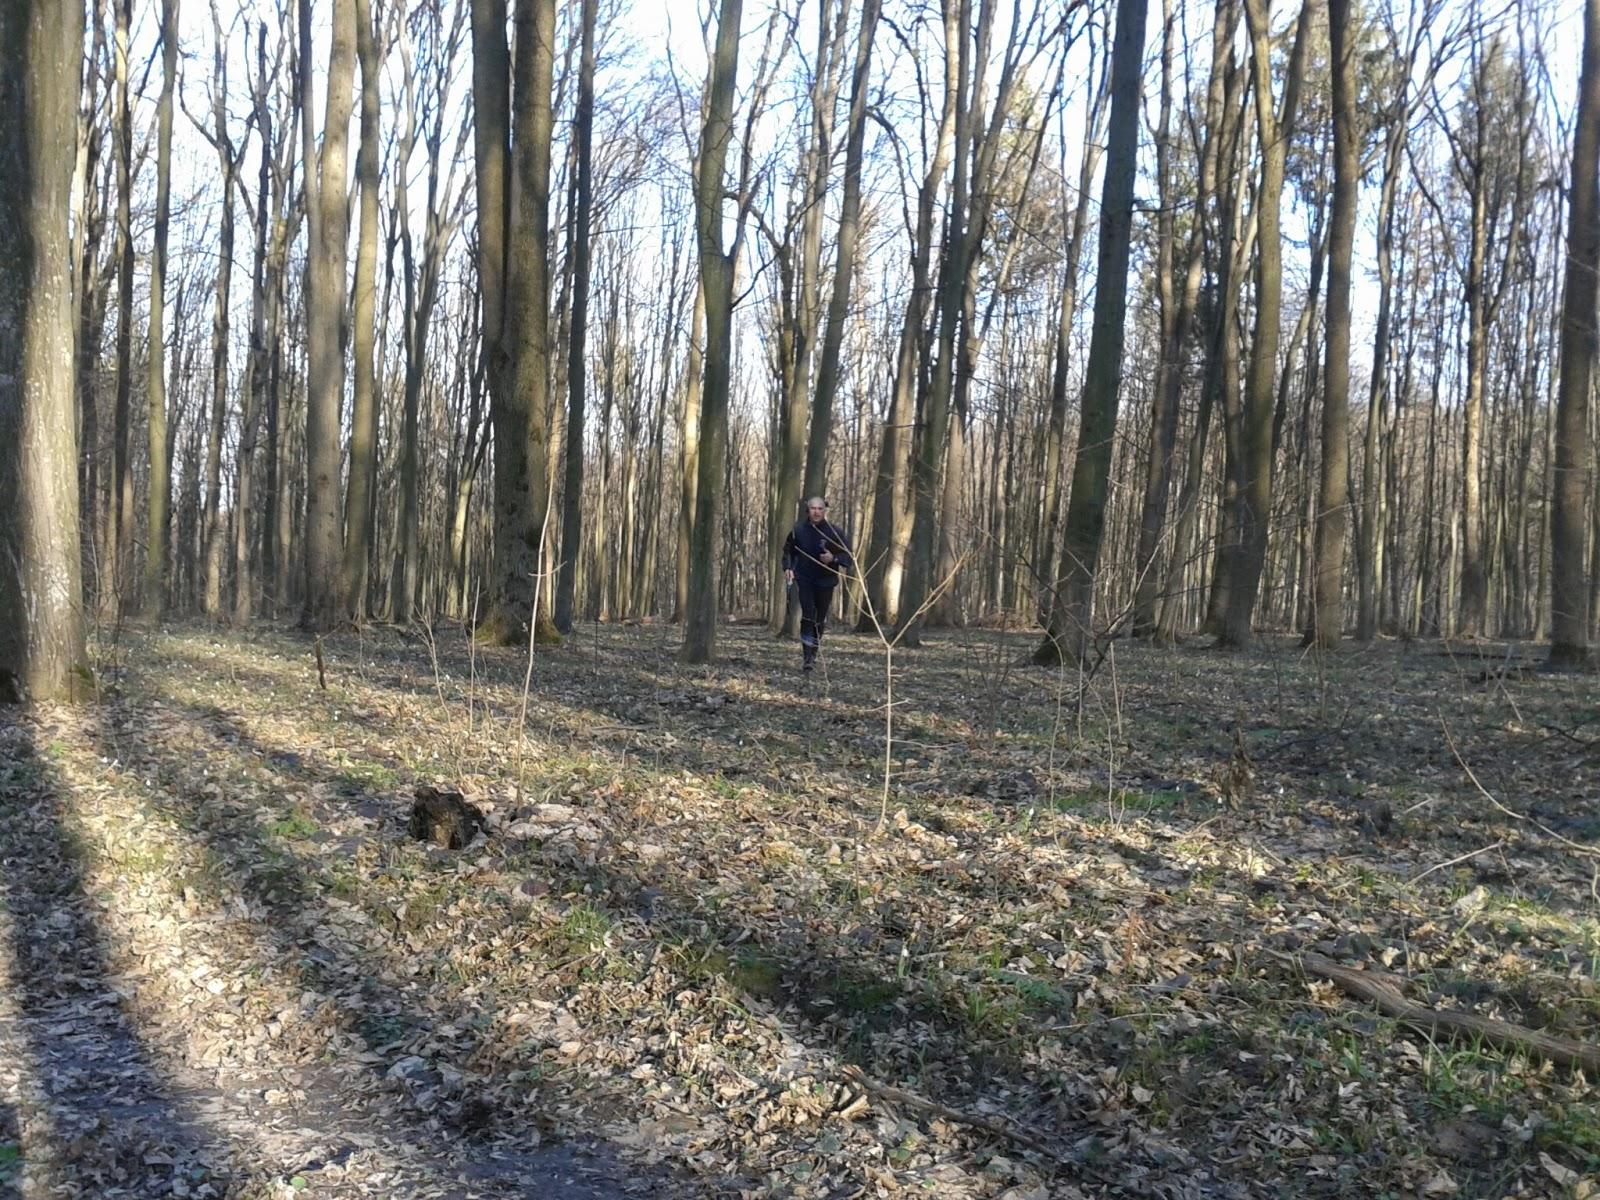 Тренировка по Охоте на Лис (ardf, радиопеленгация) в Лесопарке, в Виннице